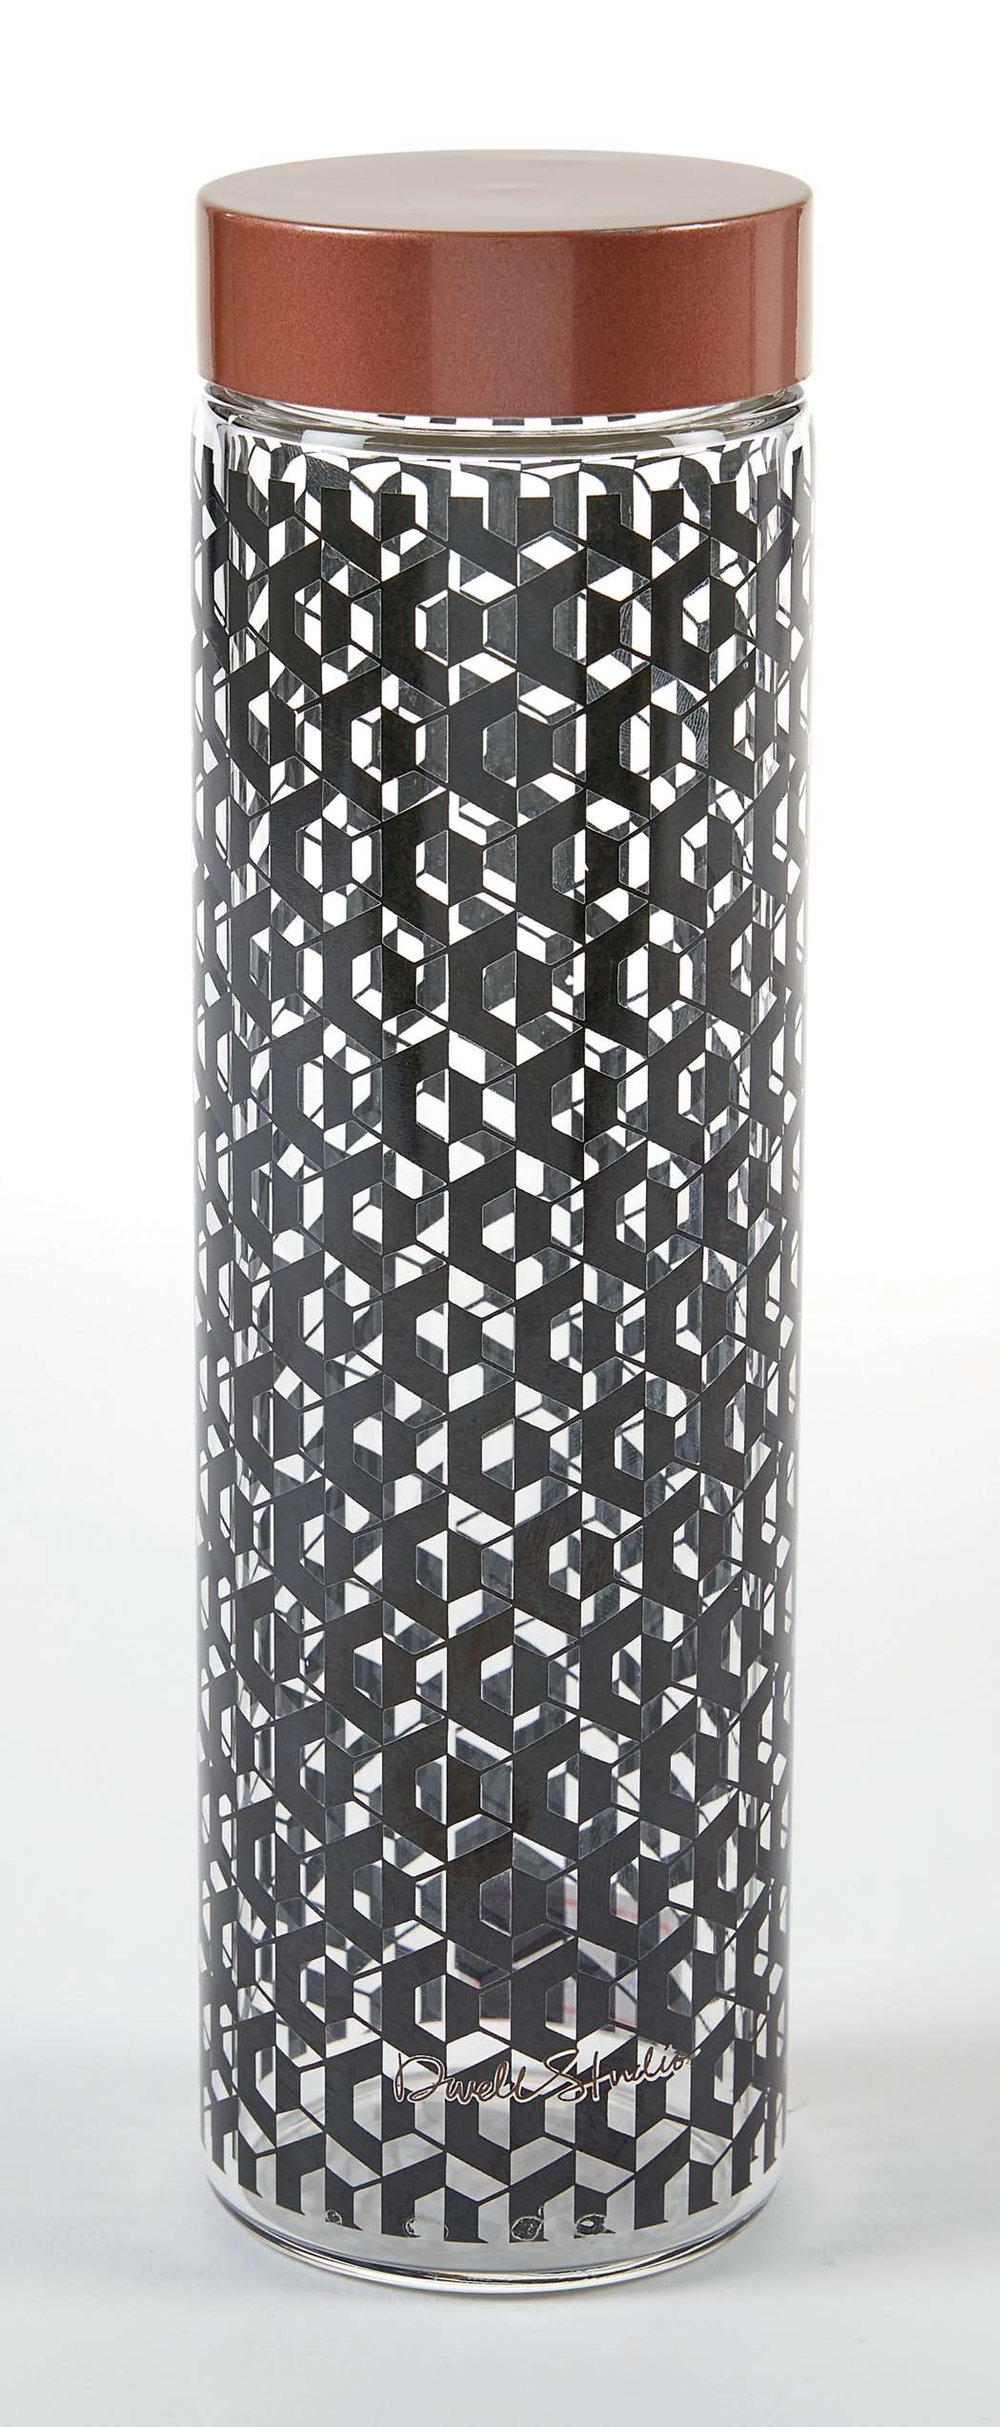 DS fashion pattern glass water bottle.jpg